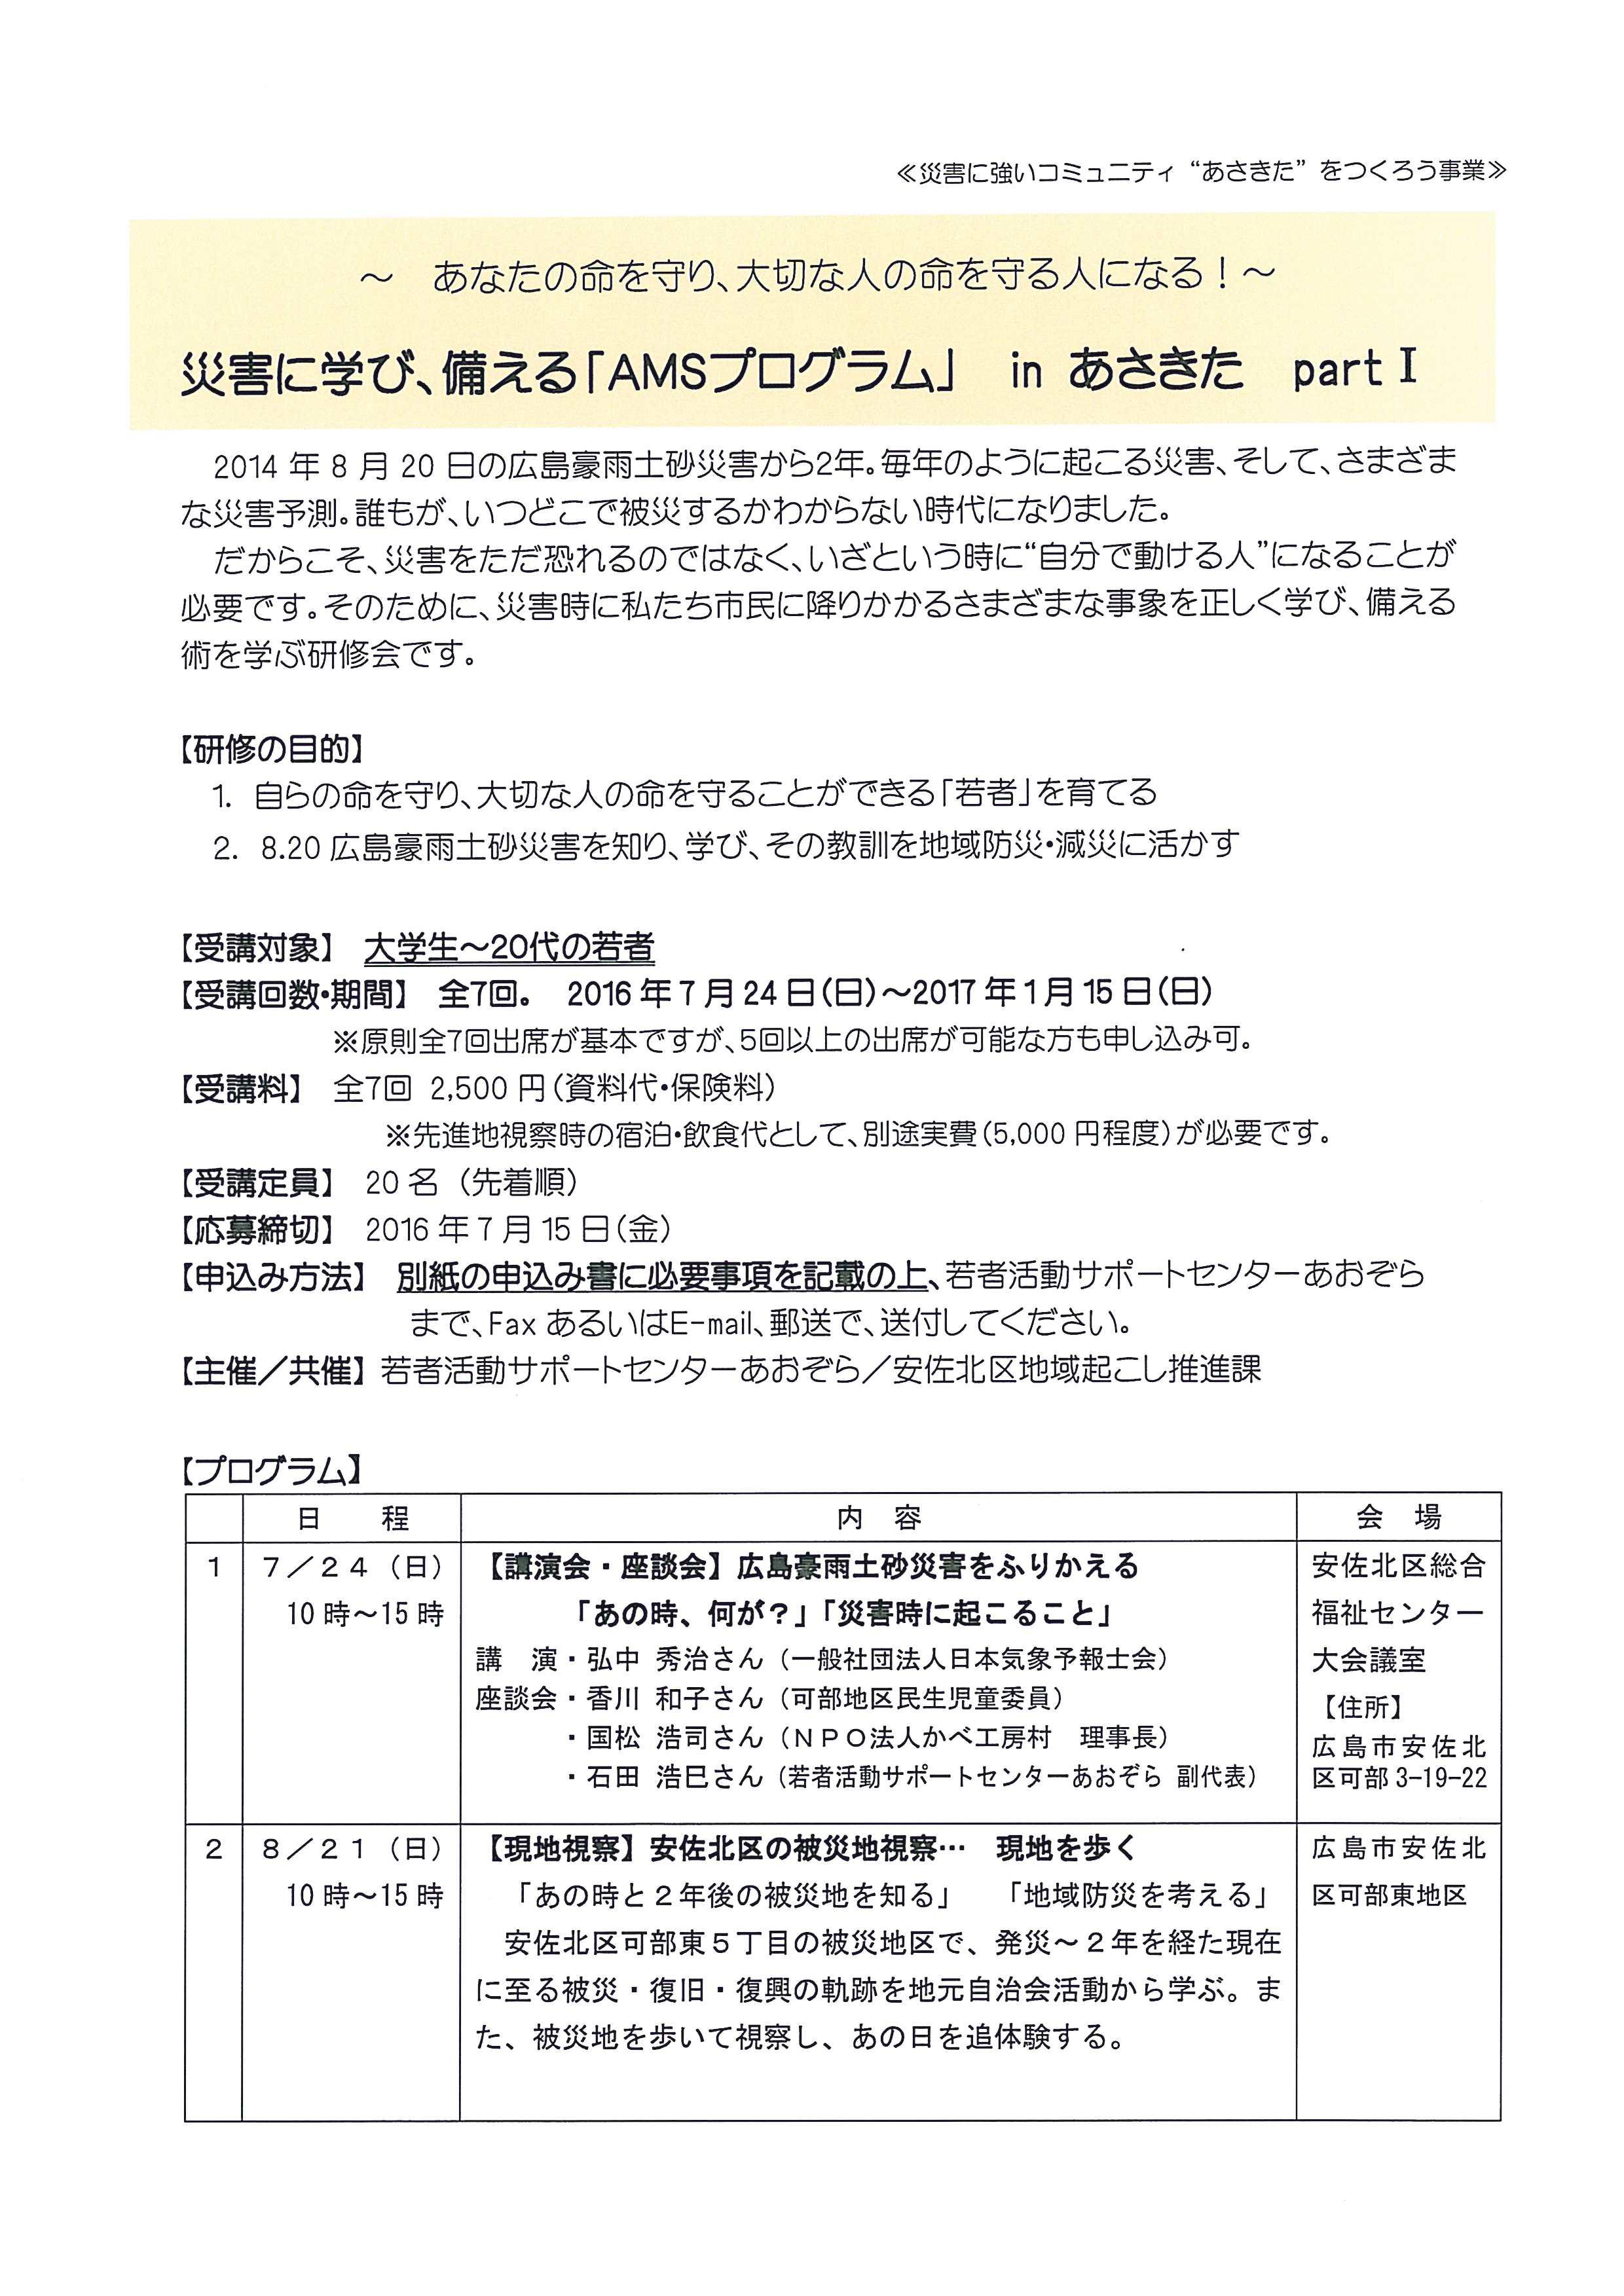 [イベント]災害に学び、備える「AMSプログラム」in あさきた partⅠ